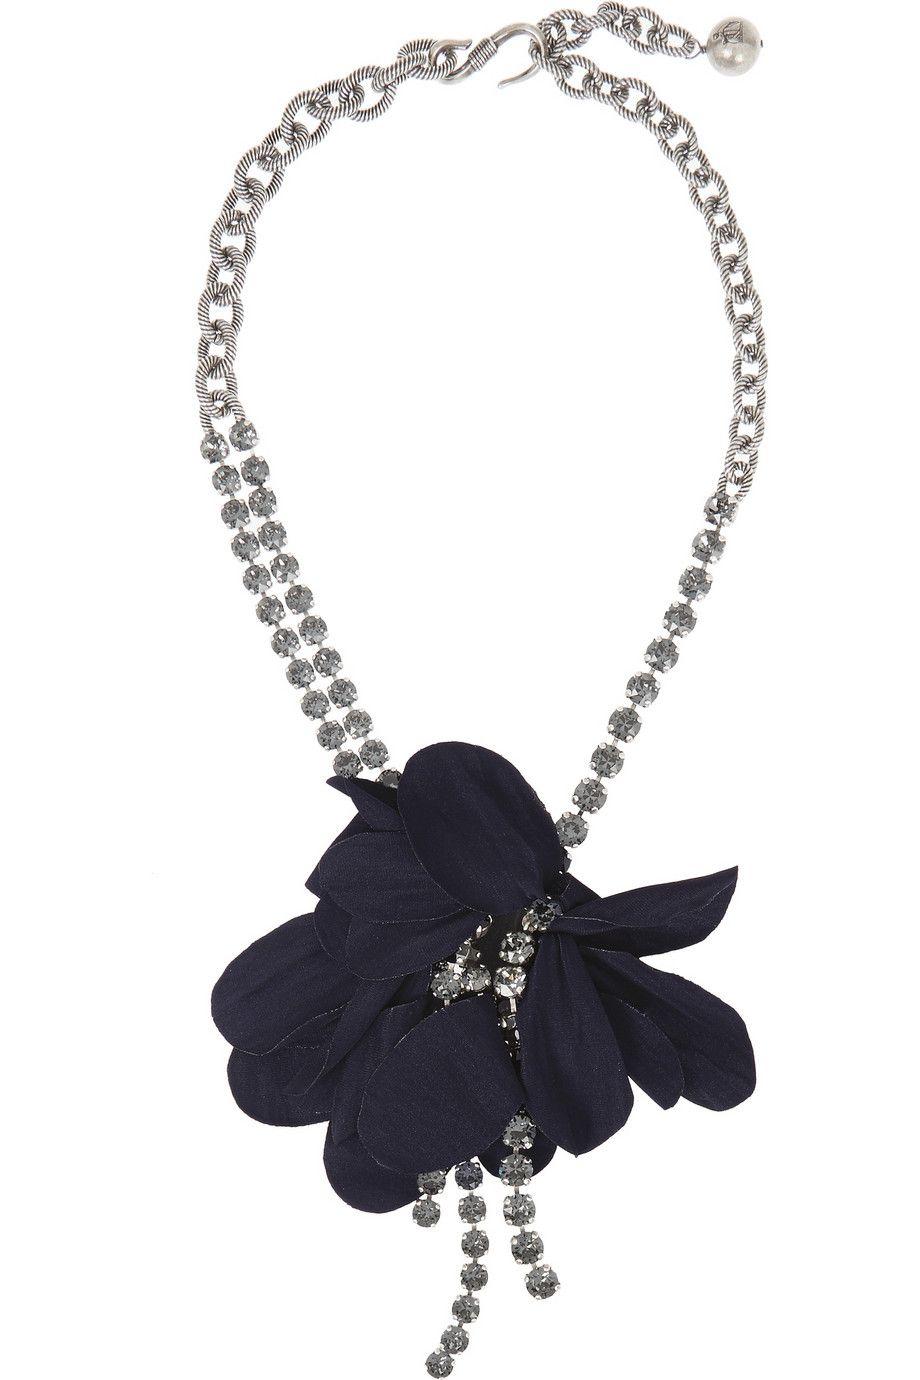 Lanvin Woman Oxidized Gunmetal-tone Crystal Necklace Blue Size Lanvin 1tkqKVwX4